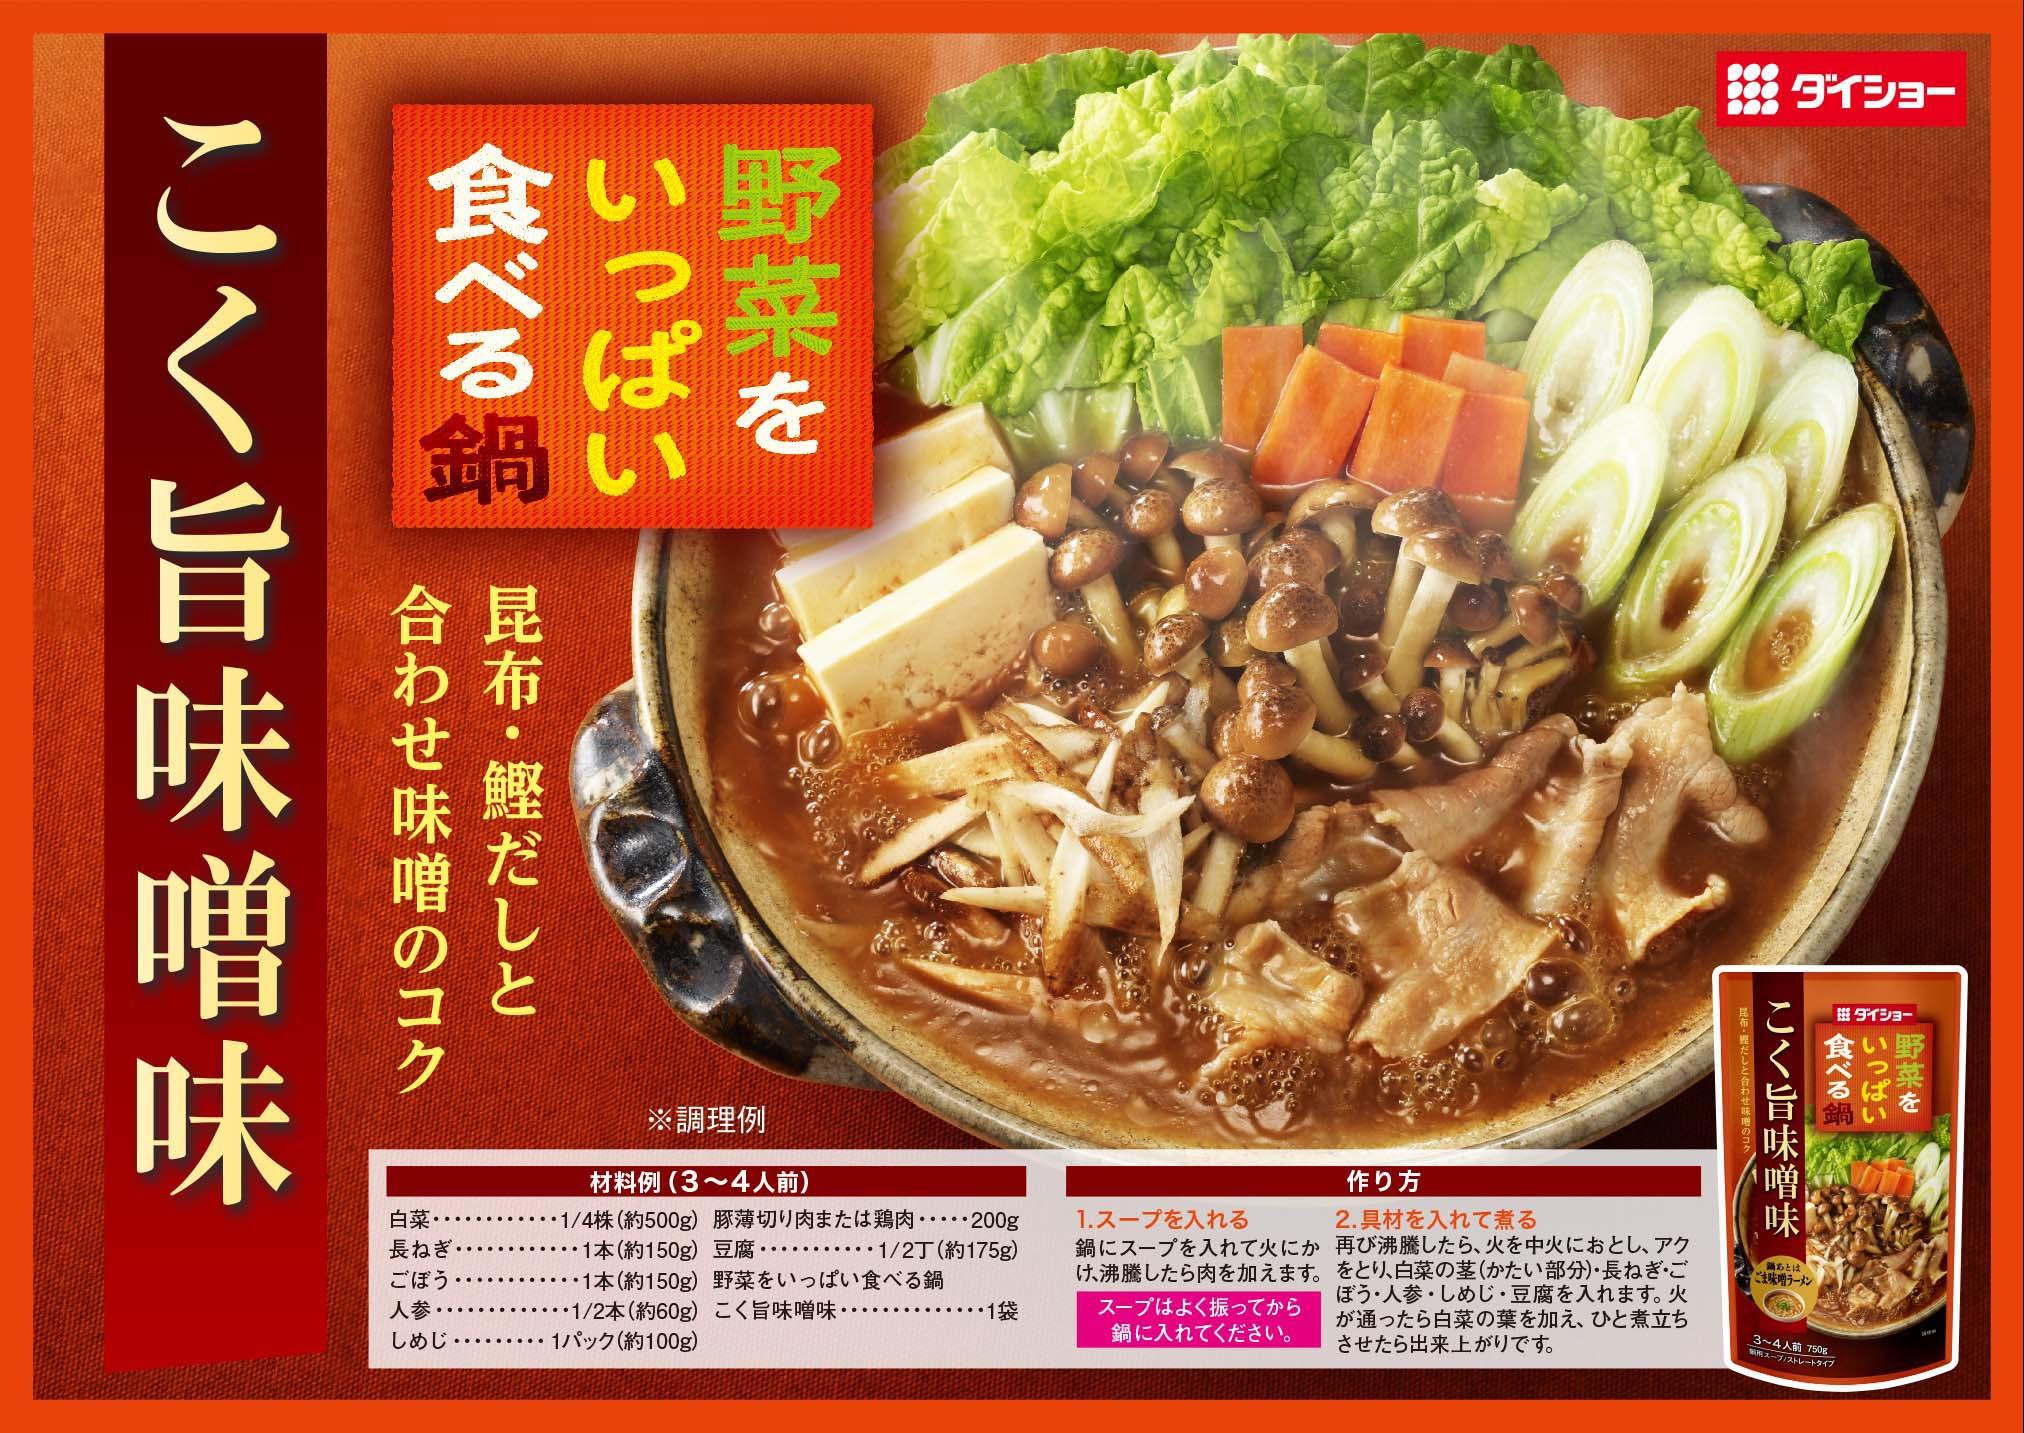 野菜をいっぱい食べる鍋 こく旨味噌味